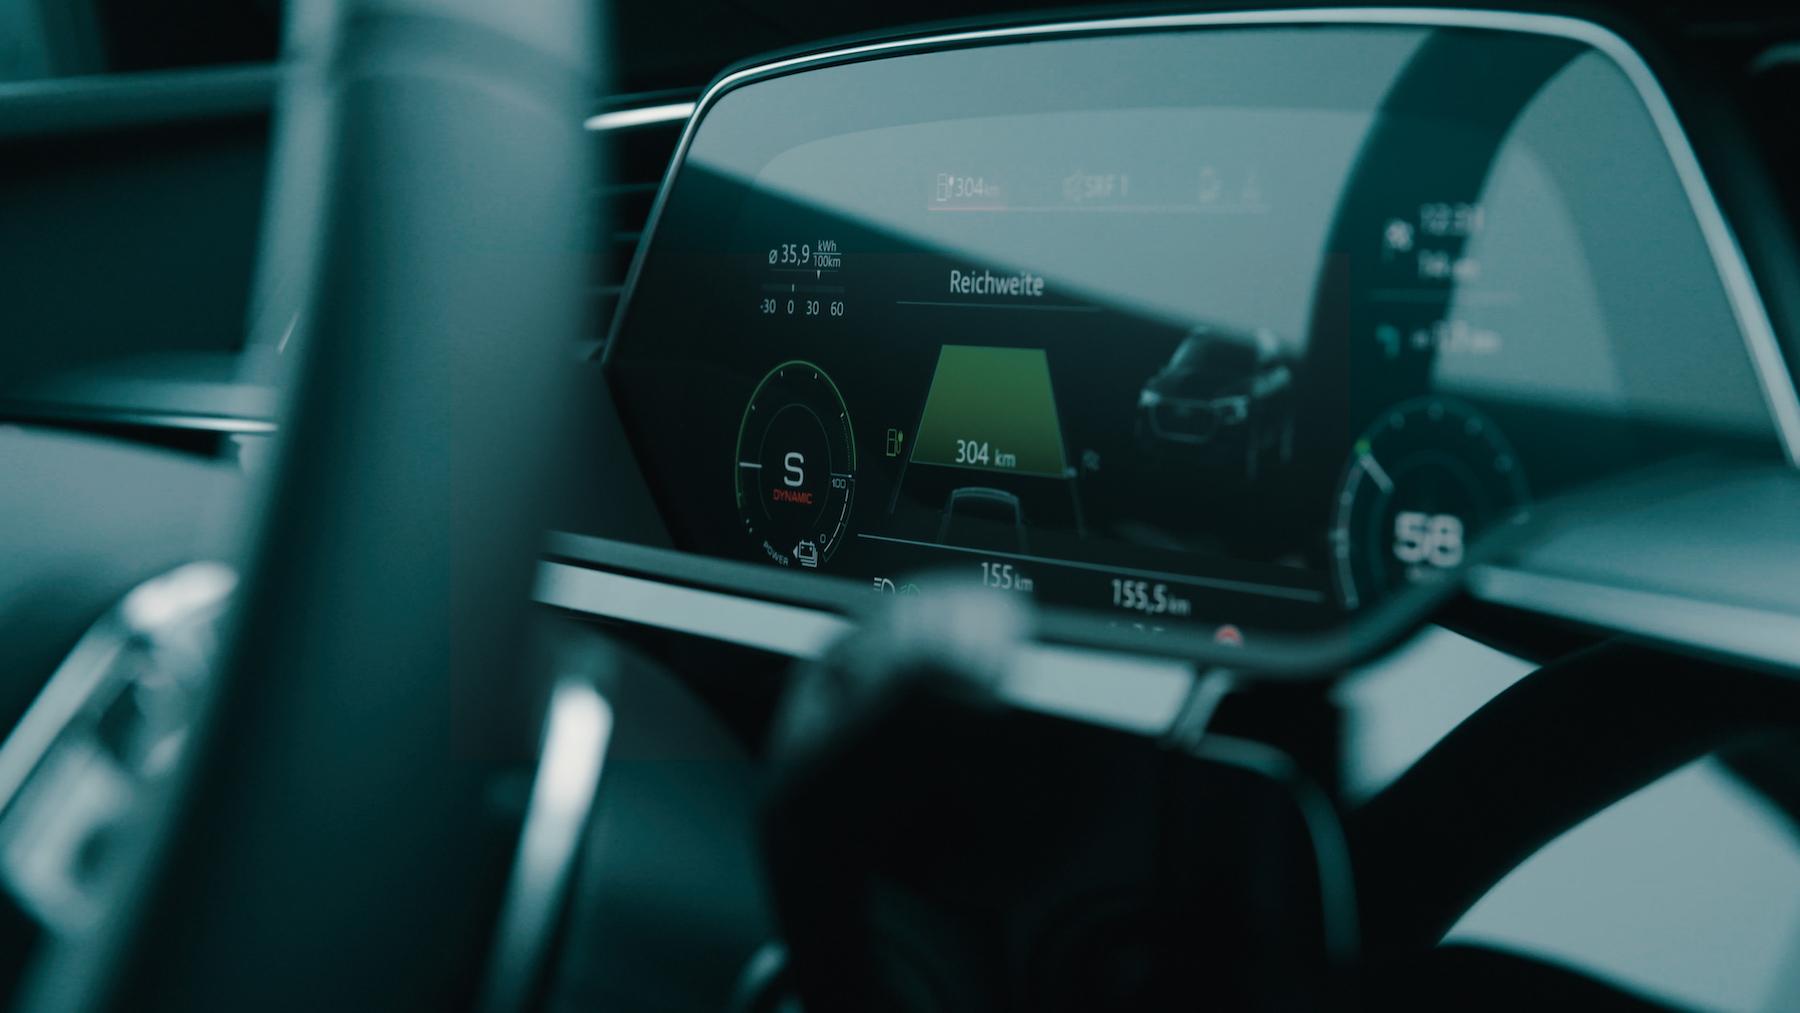 Il suffit de rouler malin pour augmenter l'autonomie de l'Audi e-tron pendant le trajet.